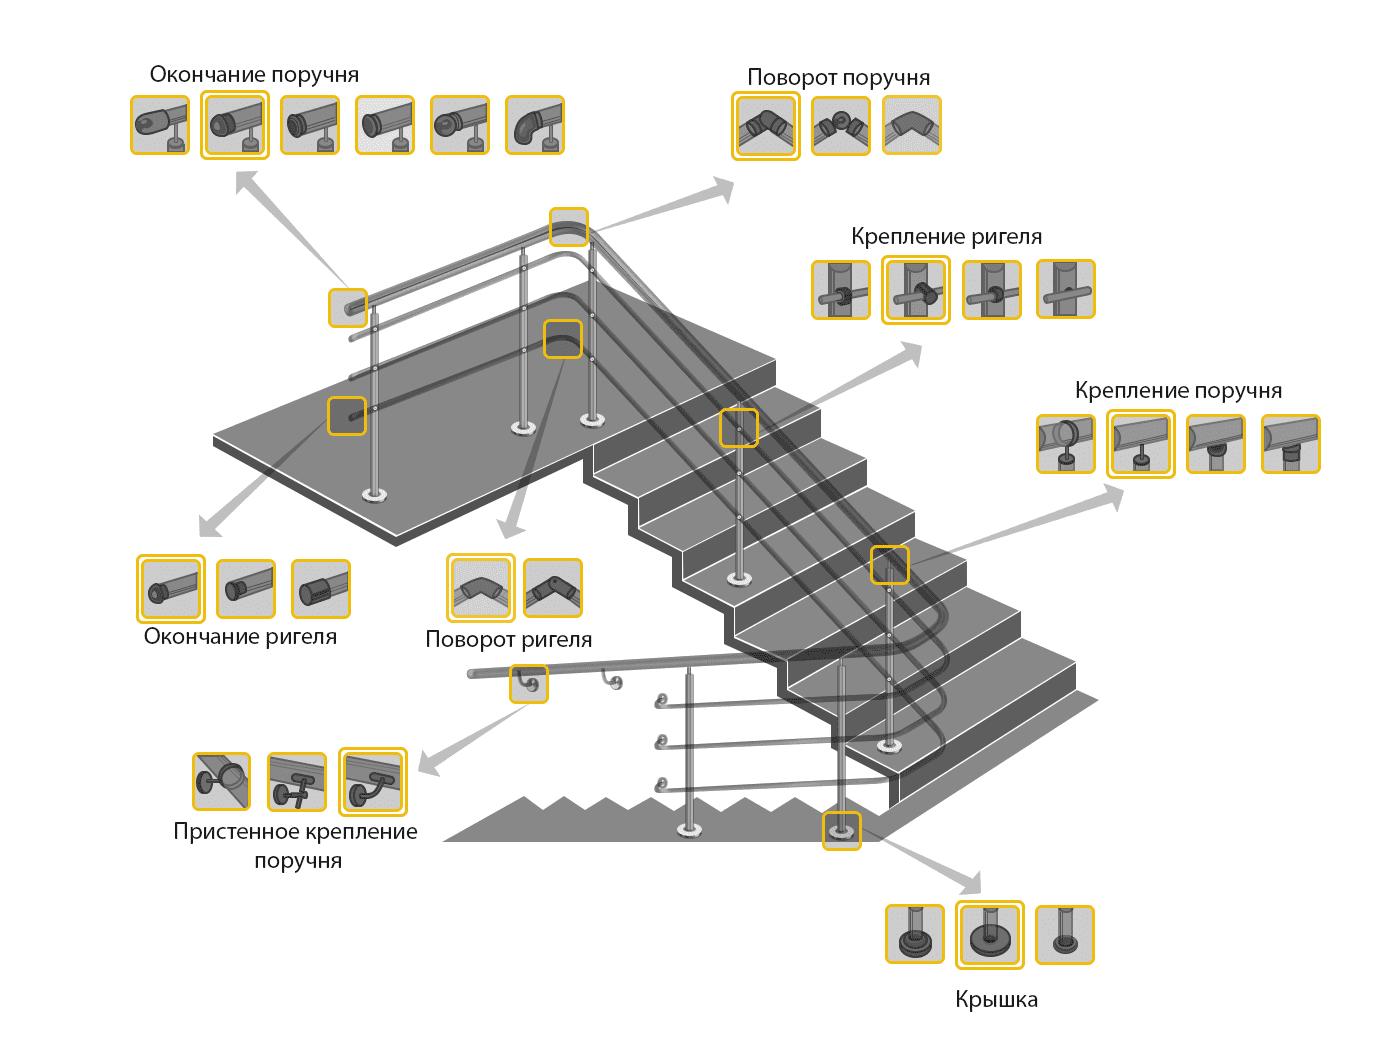 Названия основных элементов лестничных ограждений из нержавеющей стали